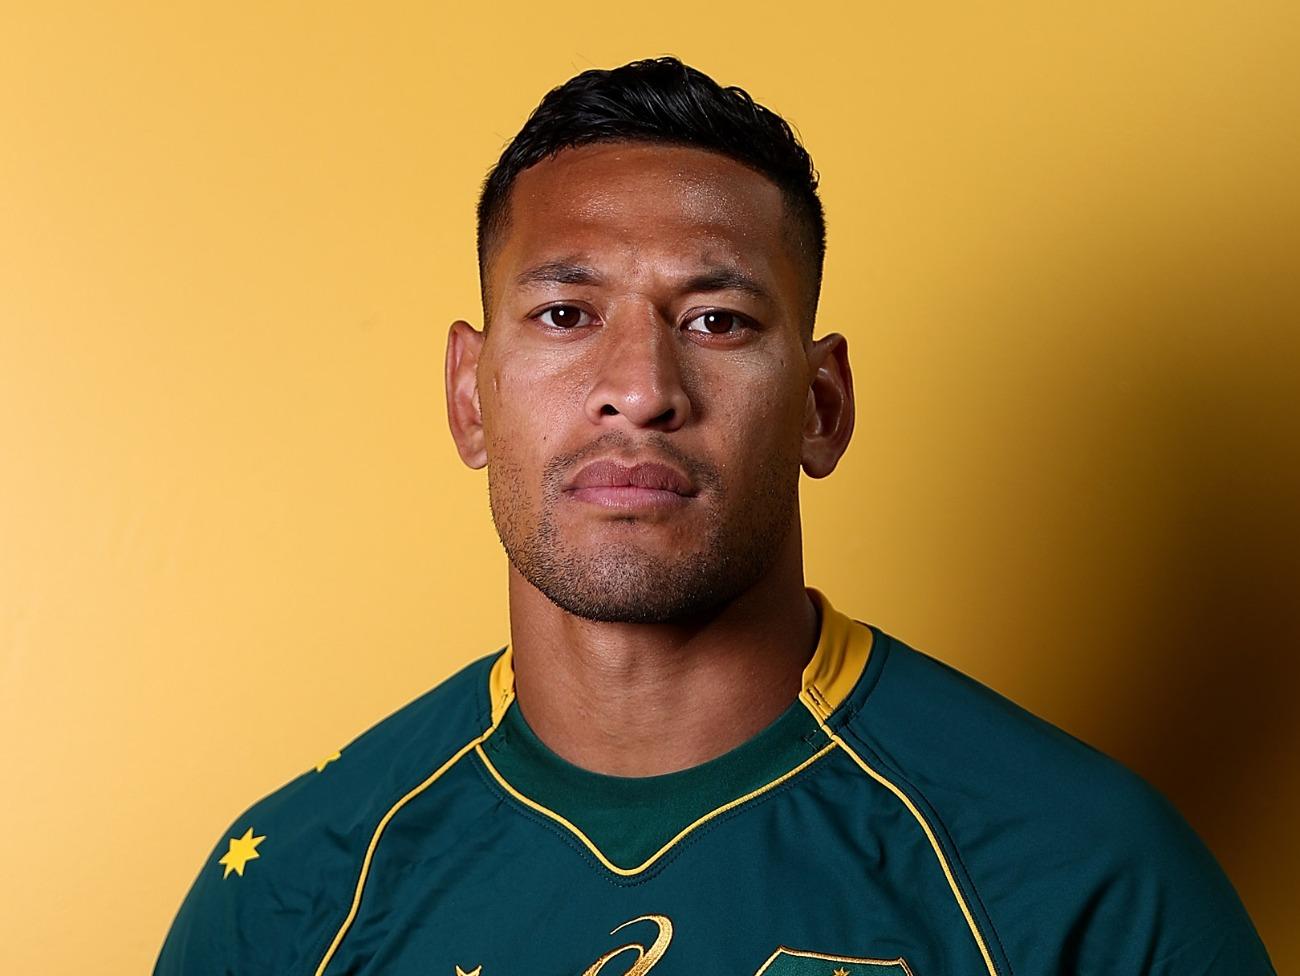 Israel Folau sacked, Rugby Australia, Wallabies, Waratahs, anti-gay